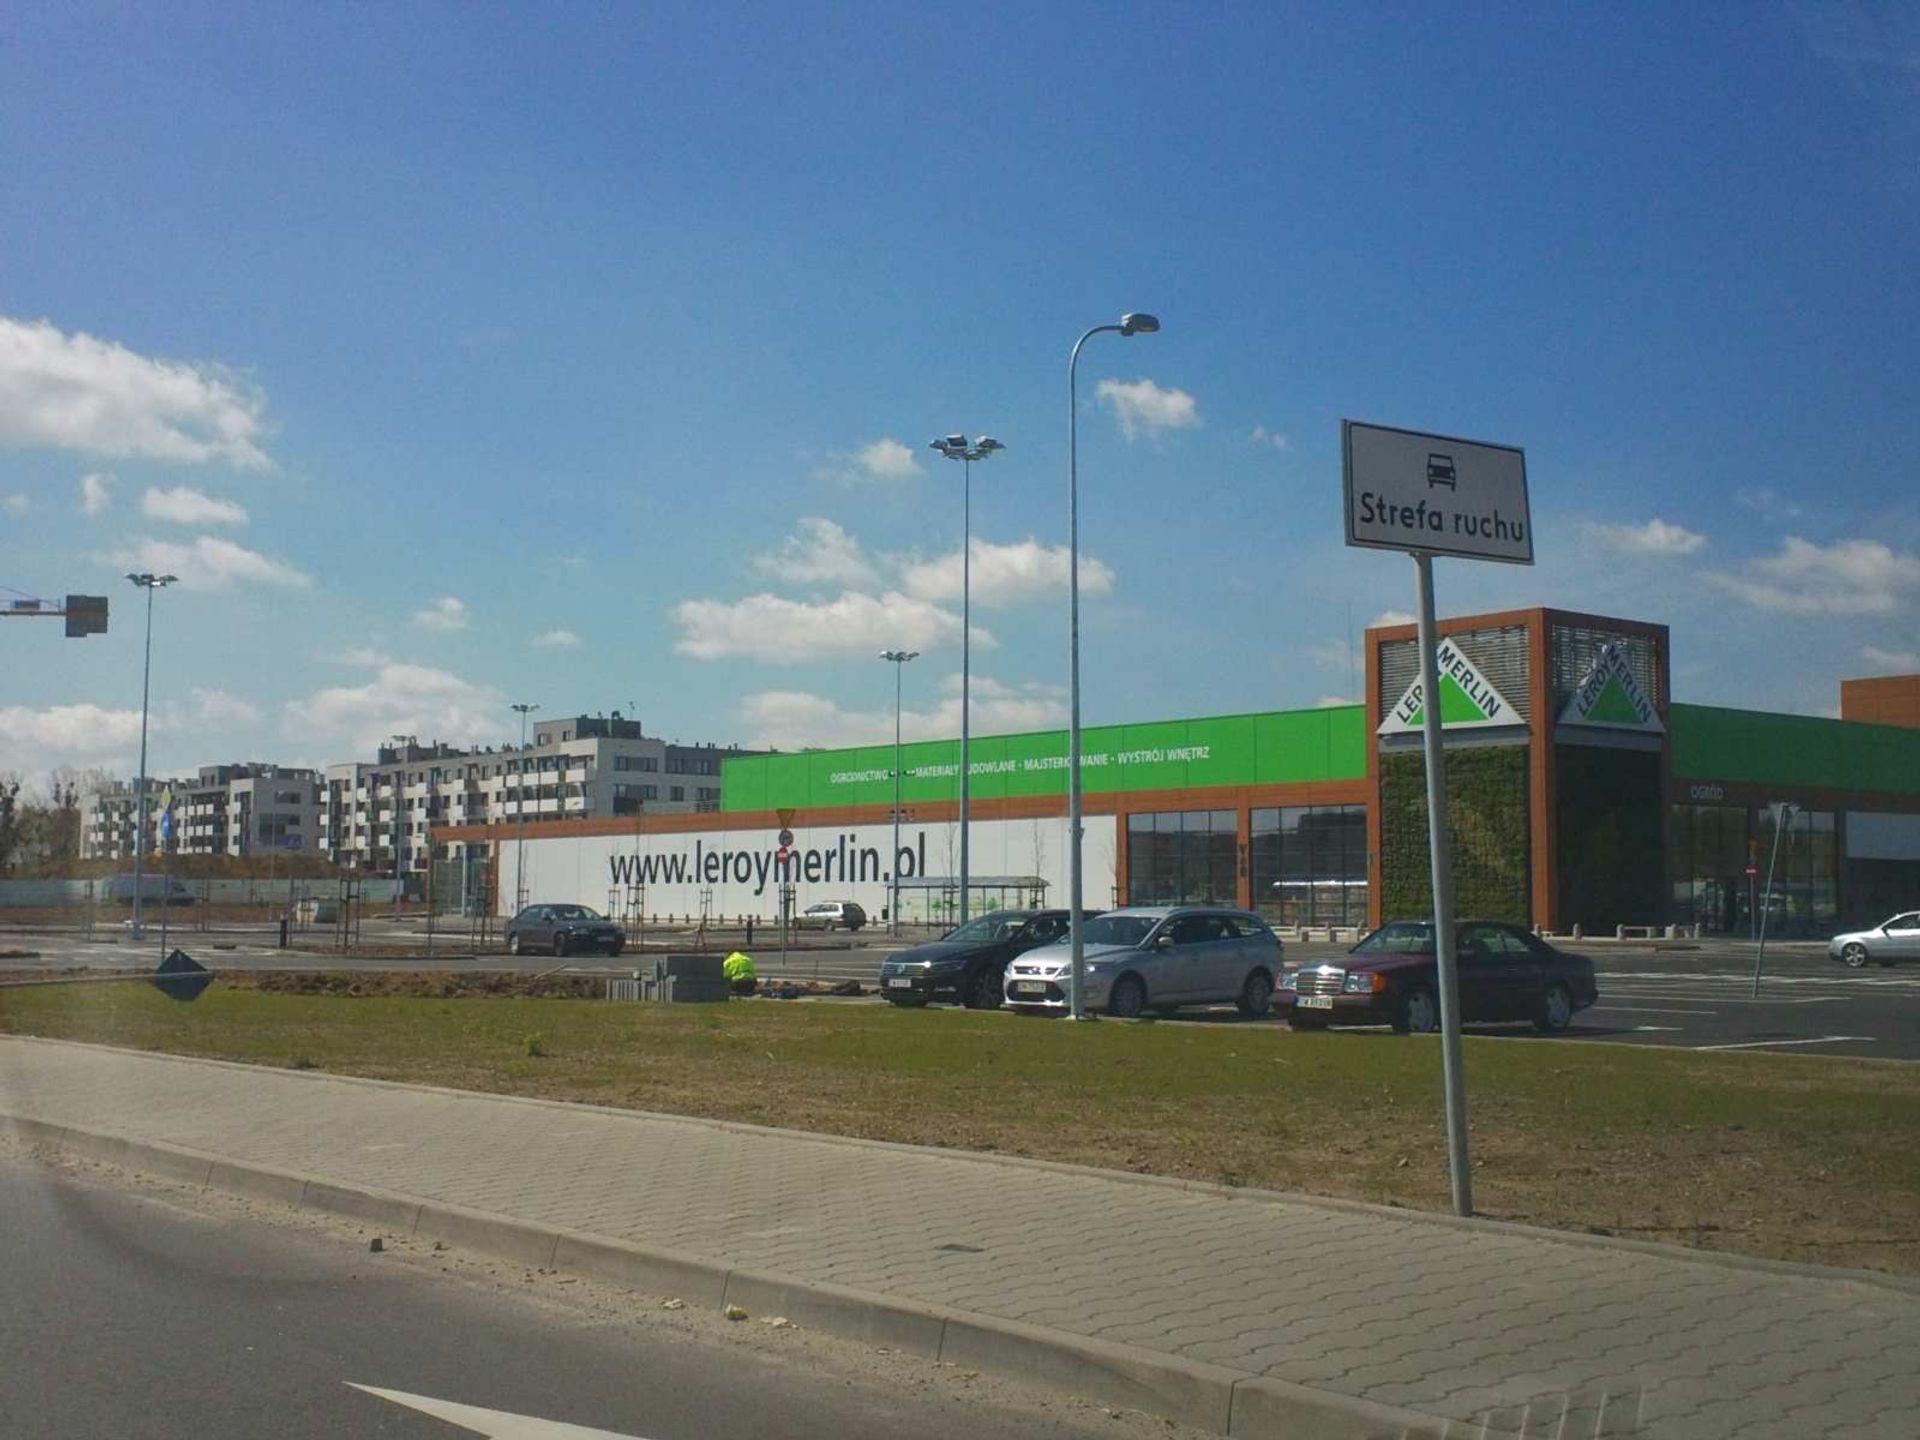 [Wrocław] W 2017 roku Leroy Merlin otworzy dwa nowe markety